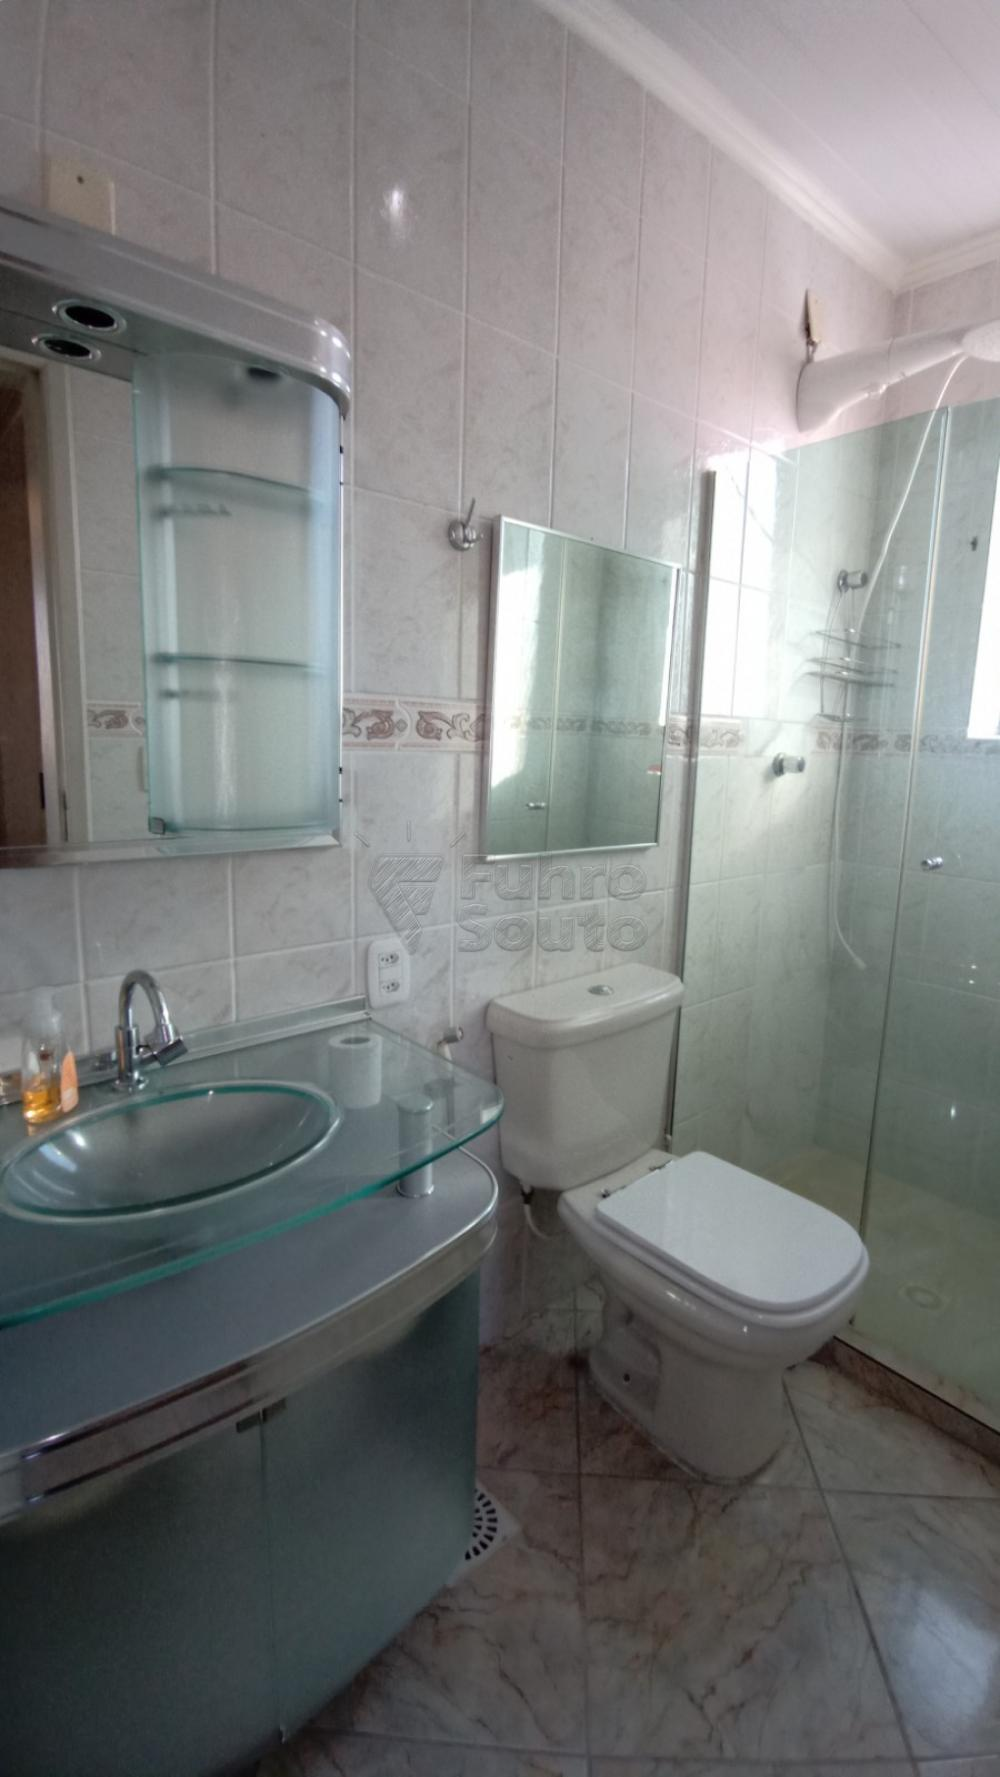 Comprar Apartamento / Padrão em Pelotas R$ 169.600,00 - Foto 11